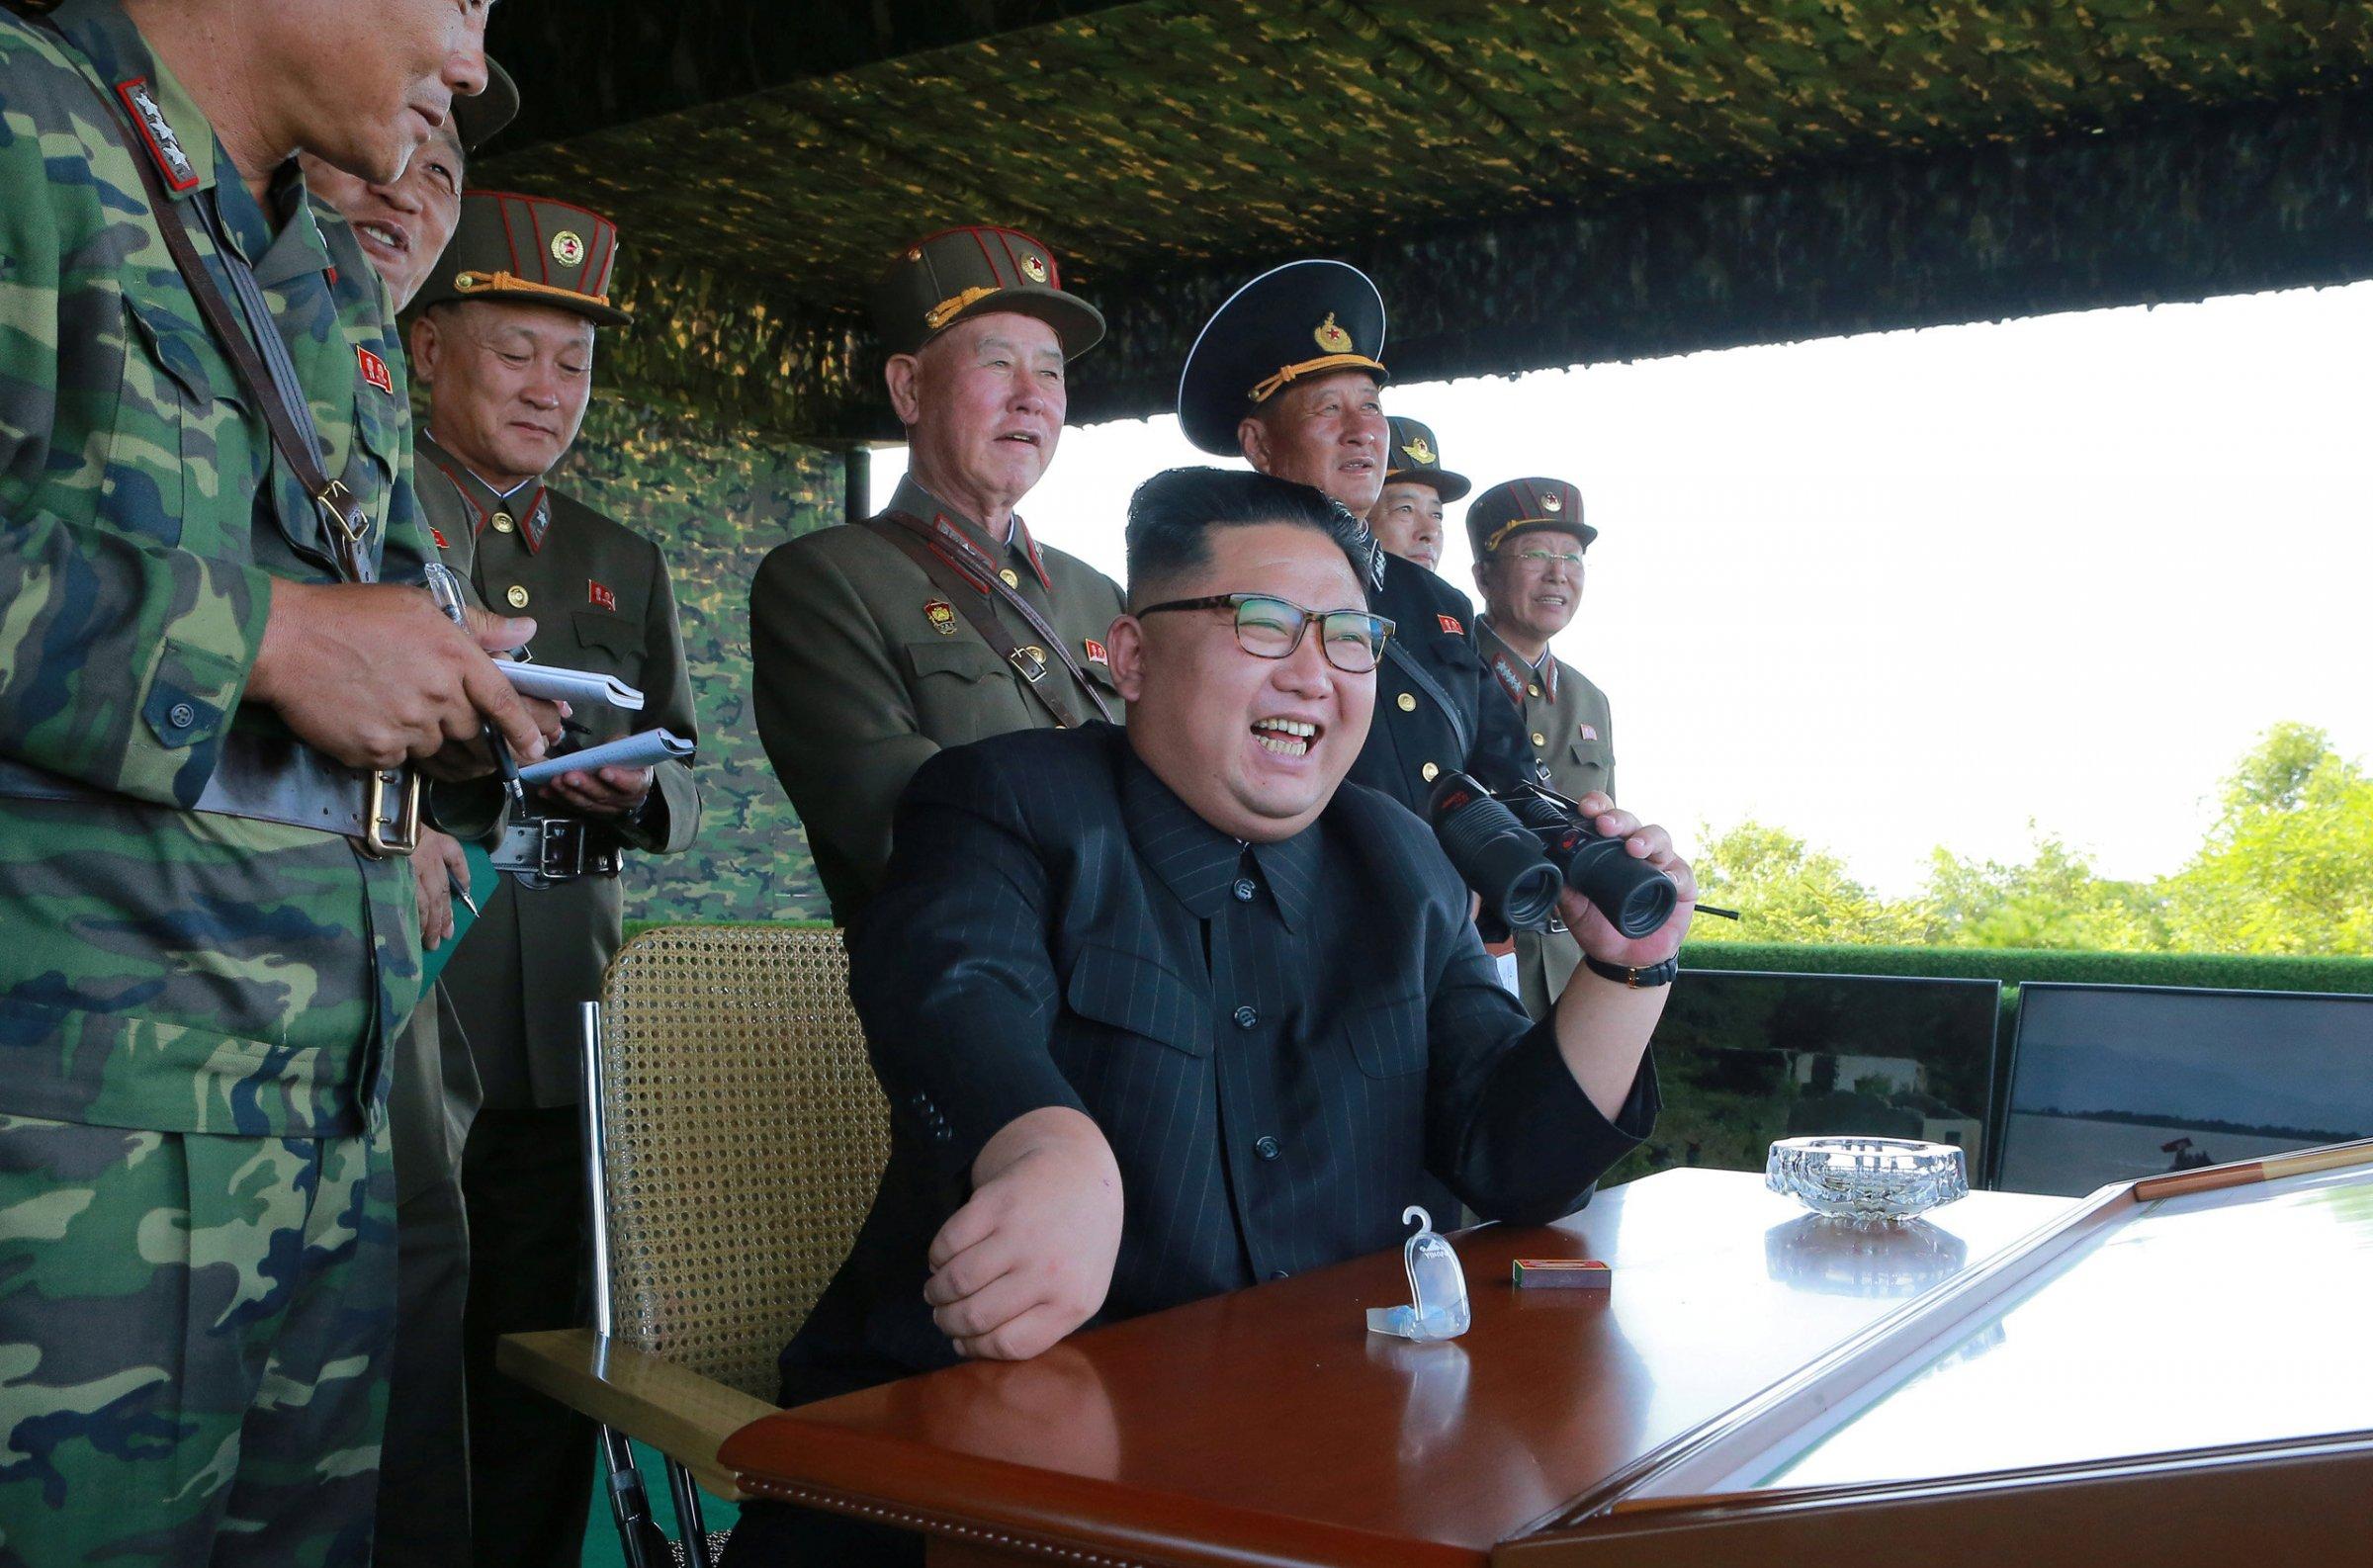 उत्तर कोरियाले दक्षिण कोरियाले राखेको प्रस्ताव स्वीकार